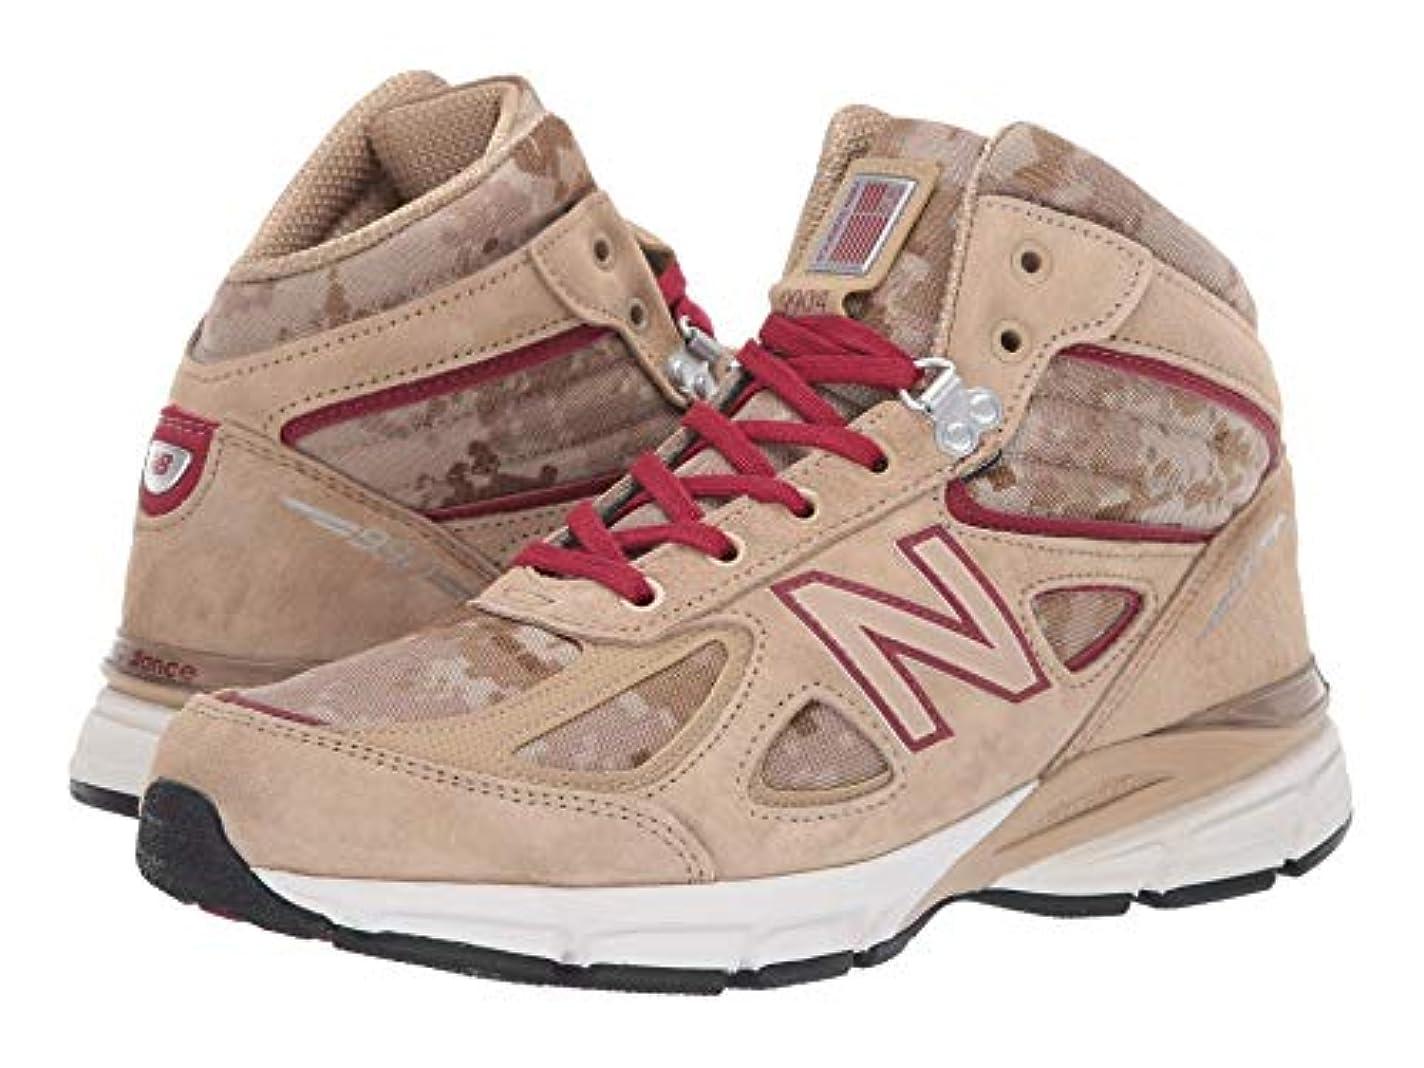 [ニューバランス] メンズランニングシューズ?スニーカー?靴 990v4 Boot Incense/NB Scarlet 9 (27cm) D - Medium [並行輸入品]